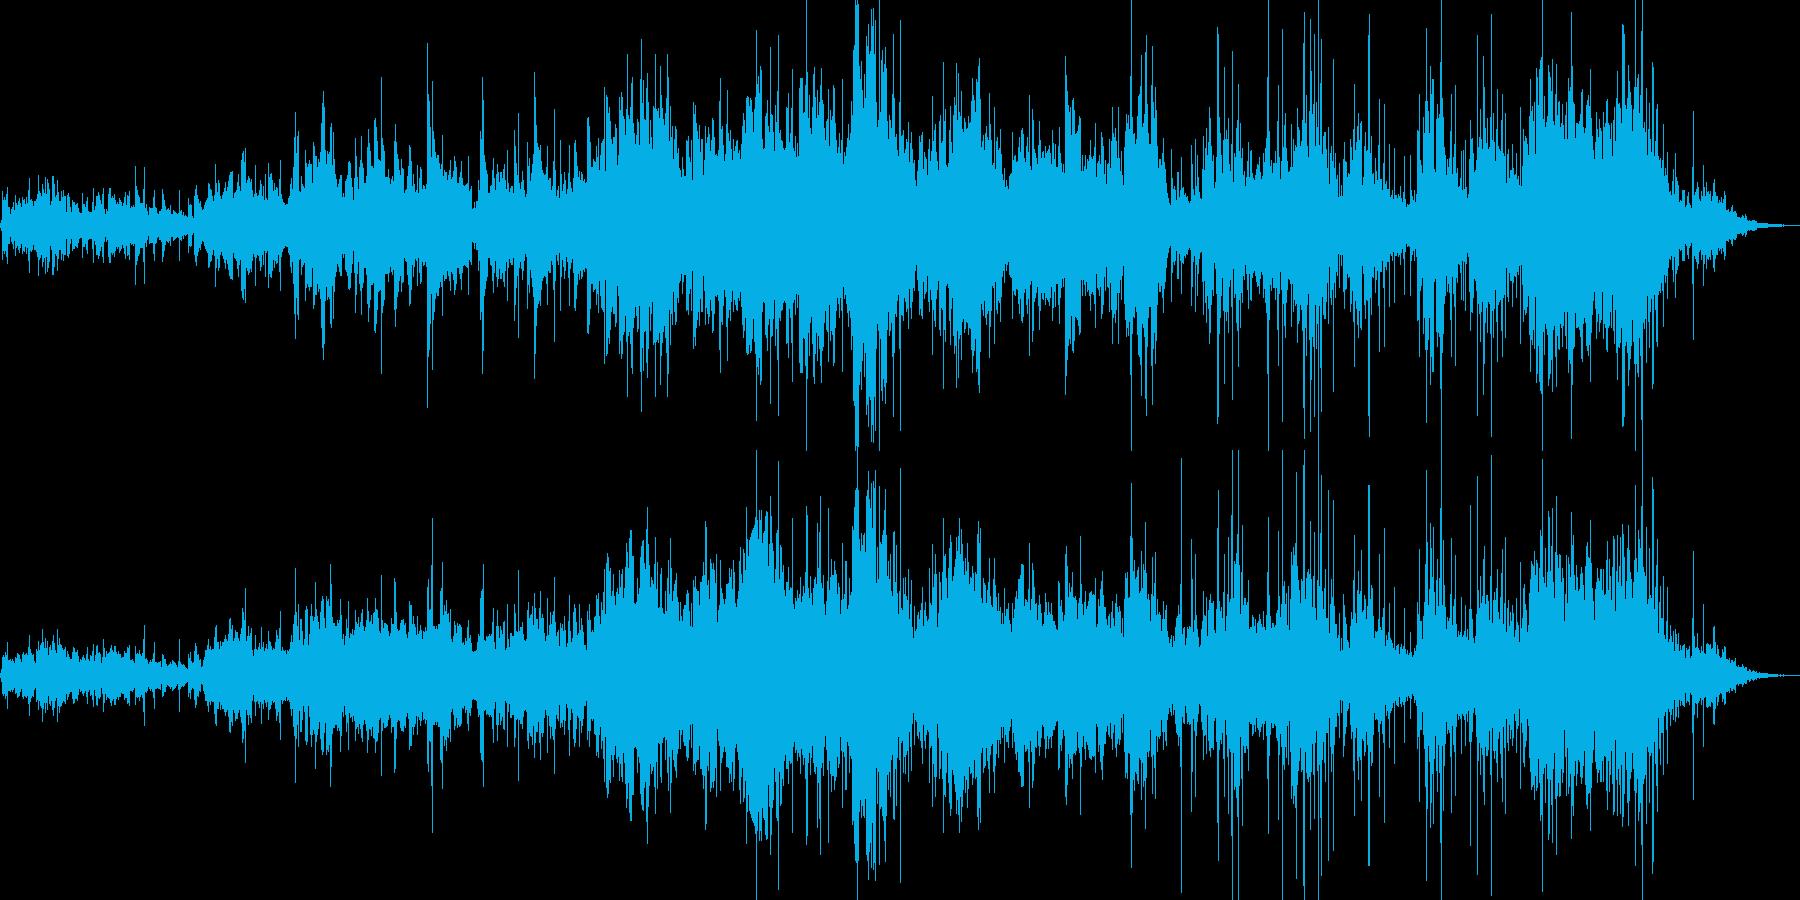 幻想的な歌声と優しいピアノの旋律の再生済みの波形